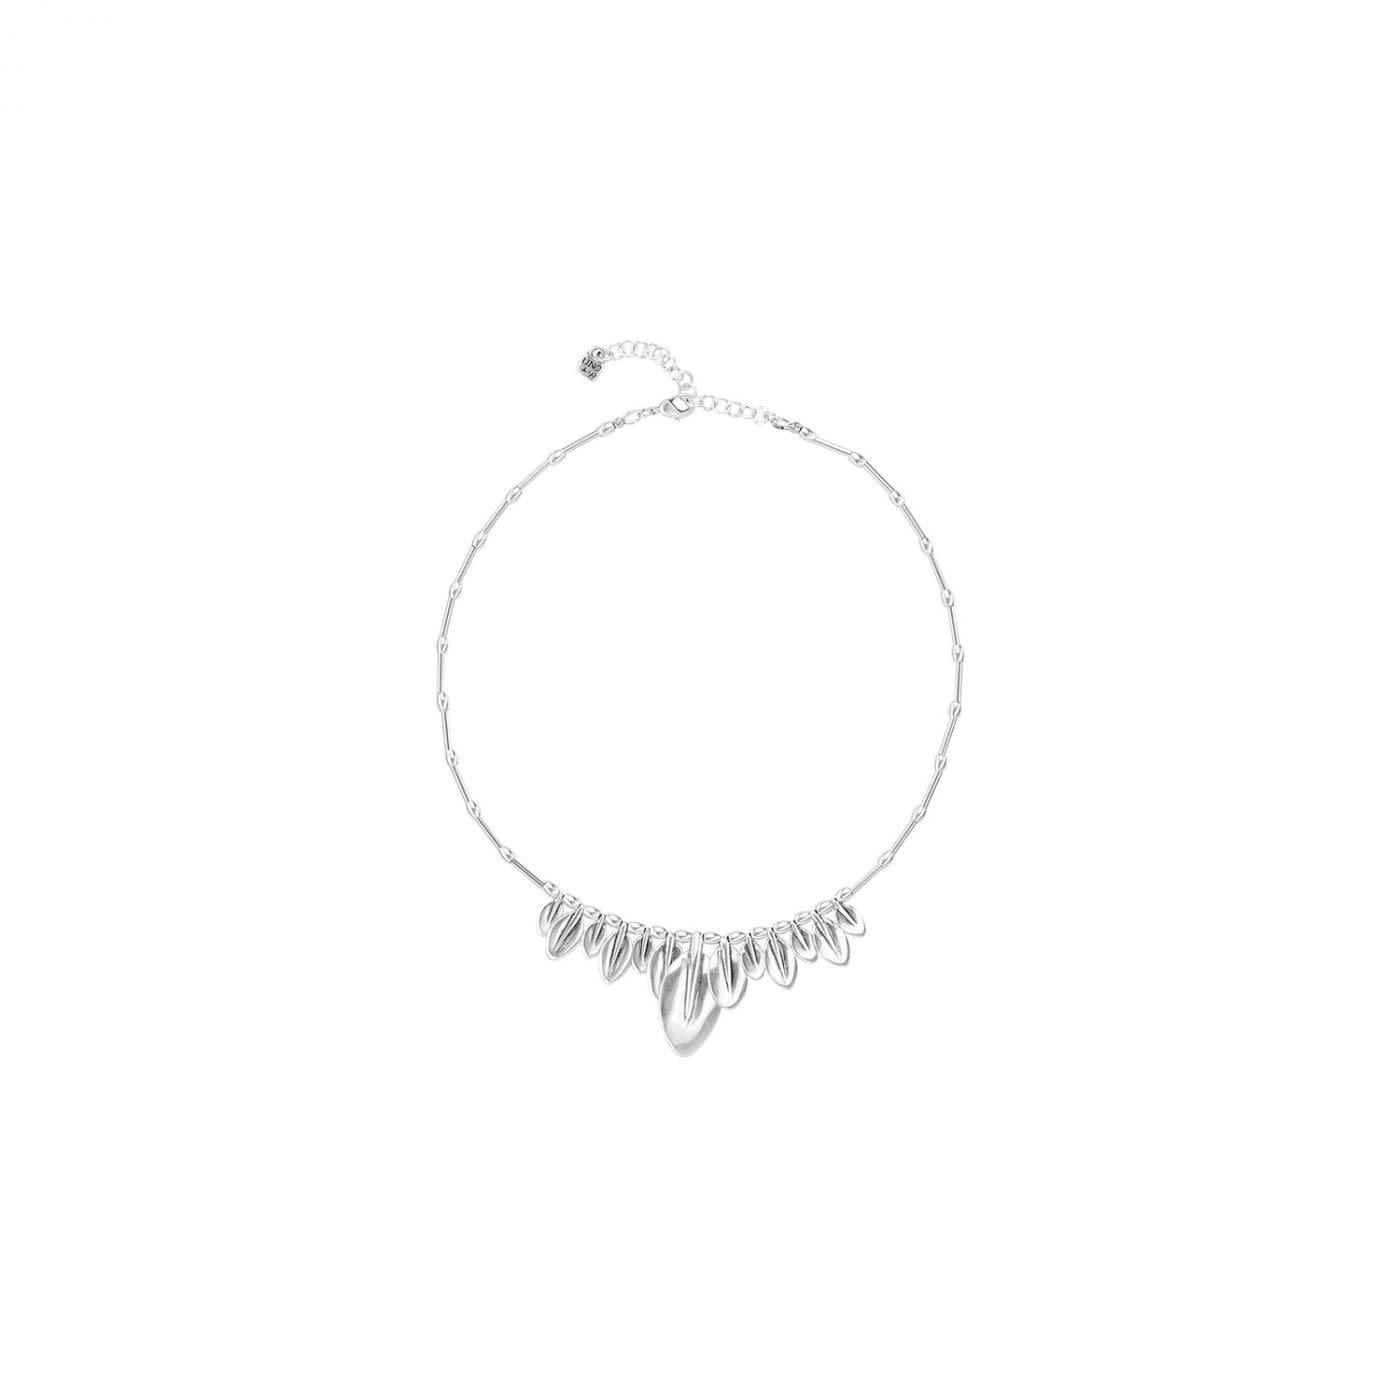 Uno de 50 Full of Life Necklace